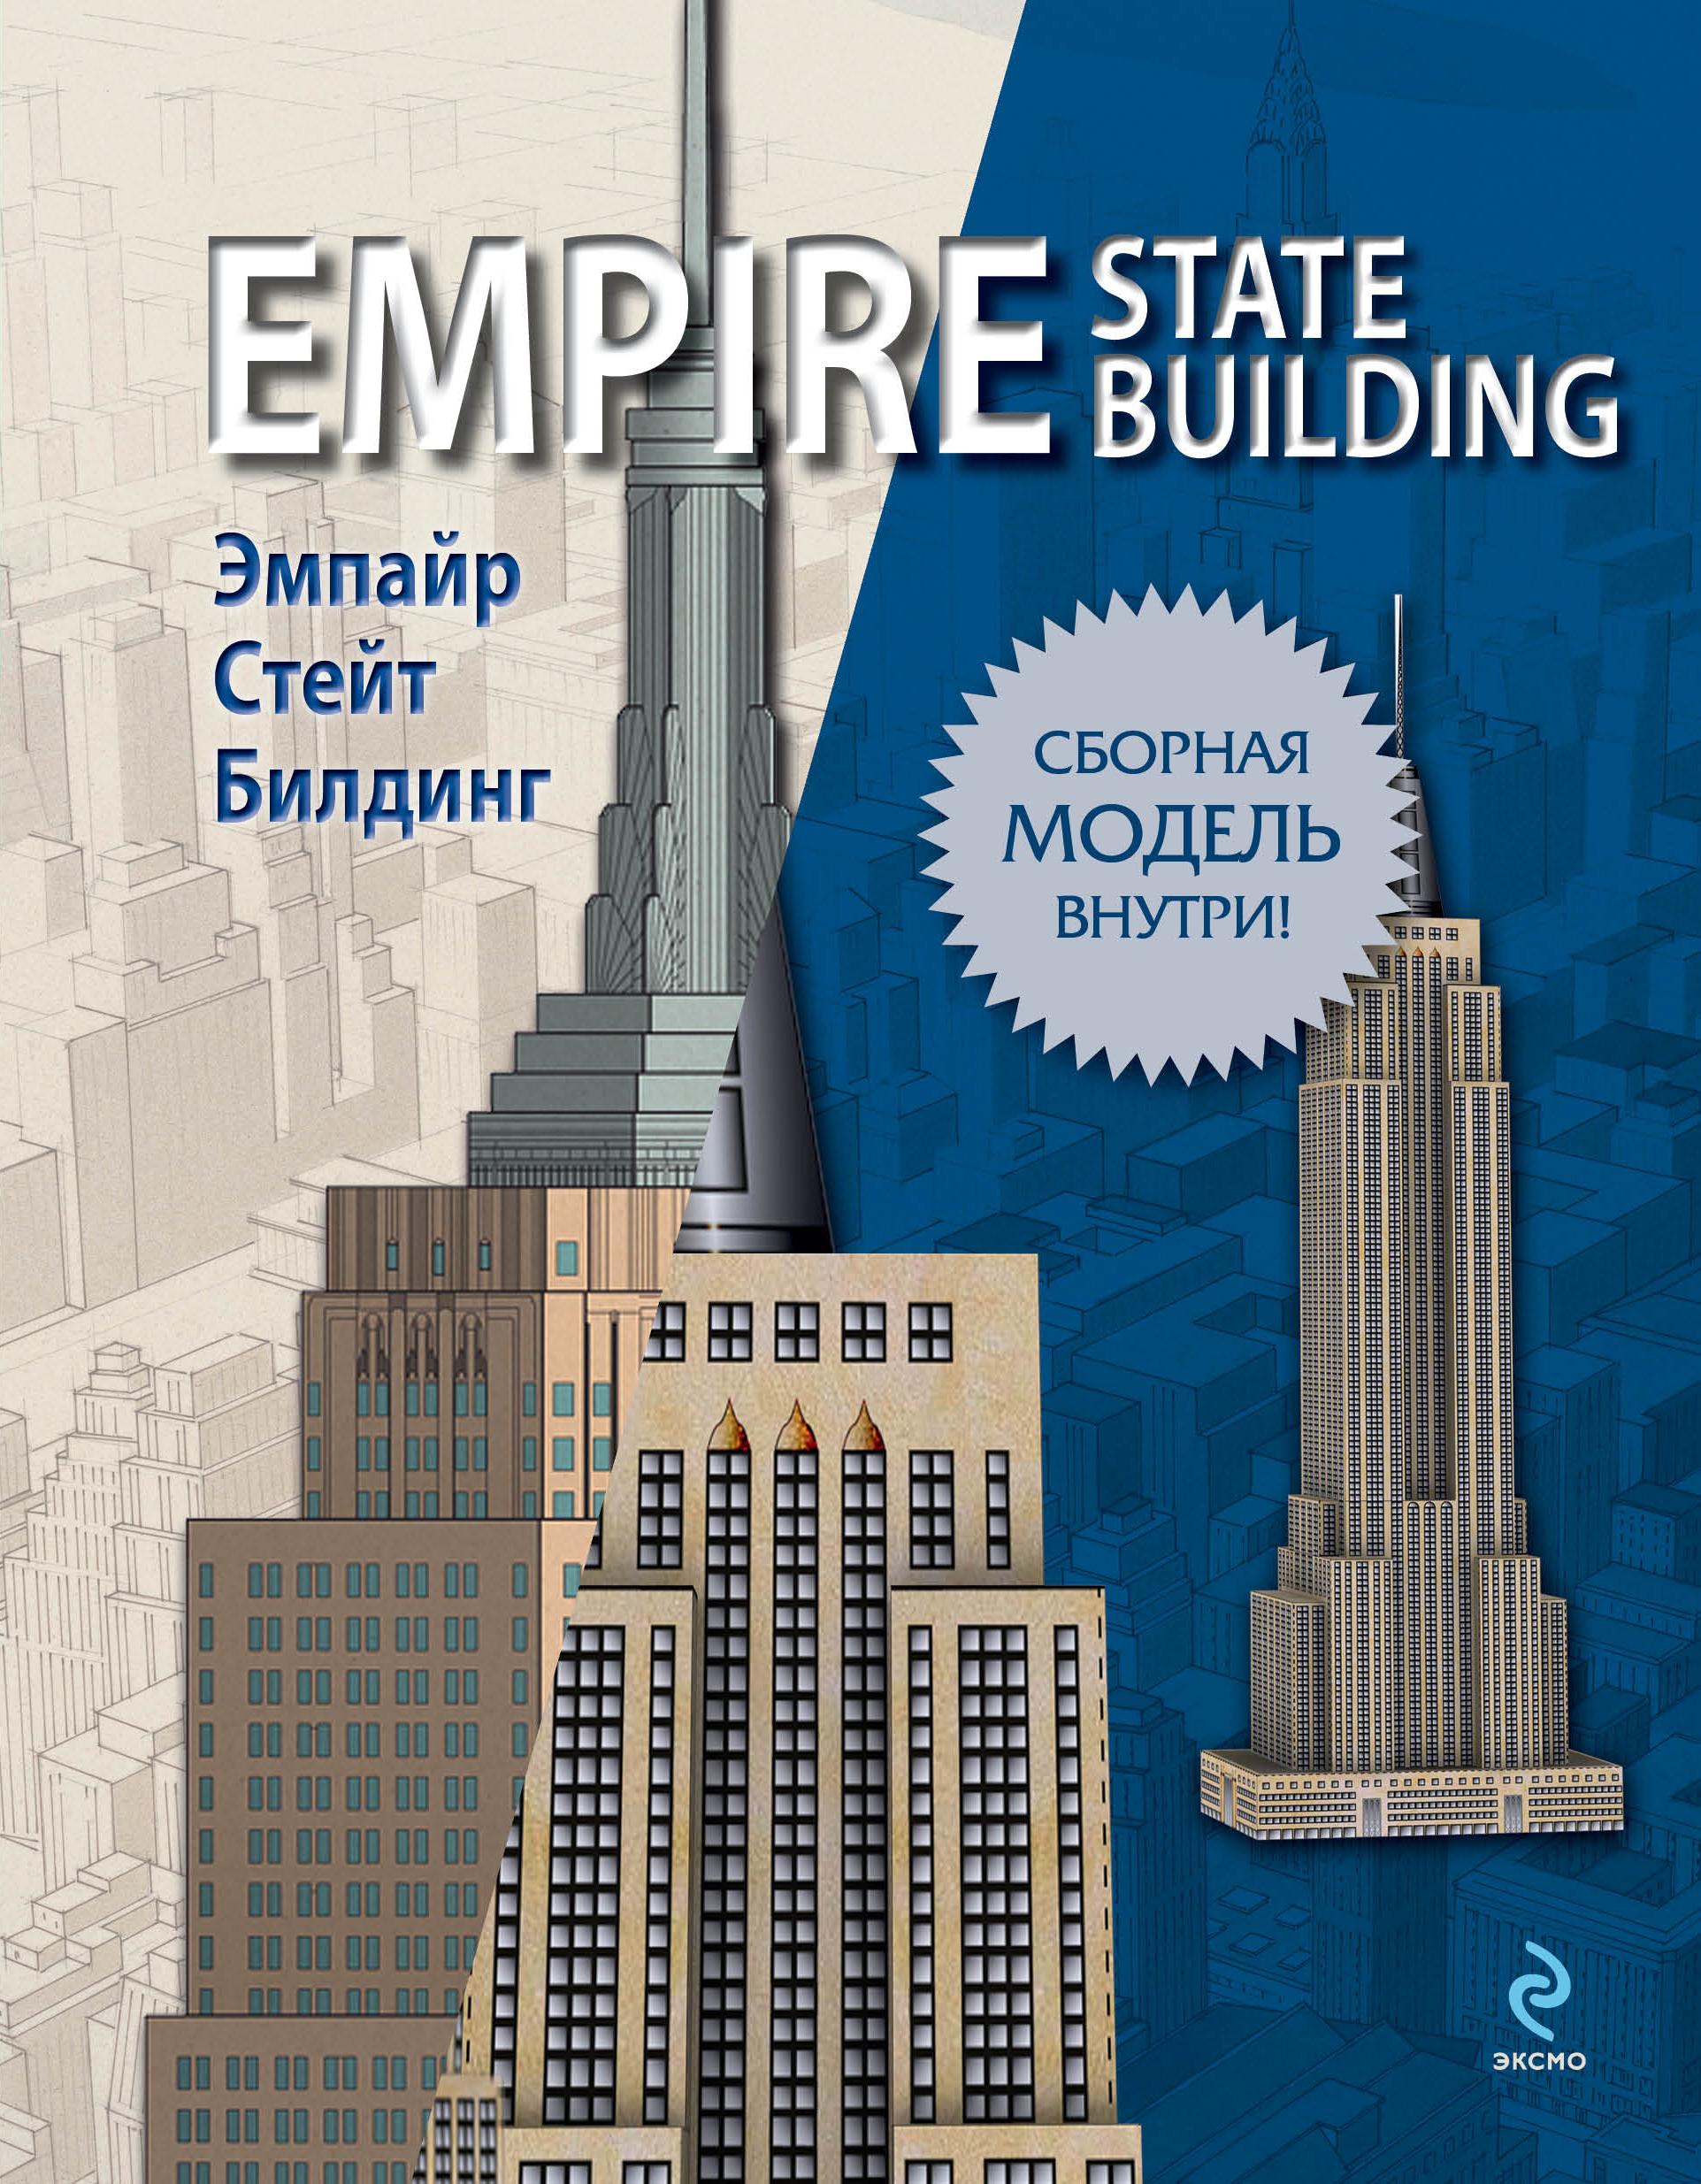 Эмпайр Стейт Билдинг (книга + сборная модель) cubic fun l503h кубик фан эмпайер стейт билдинг с иллюминацией сша